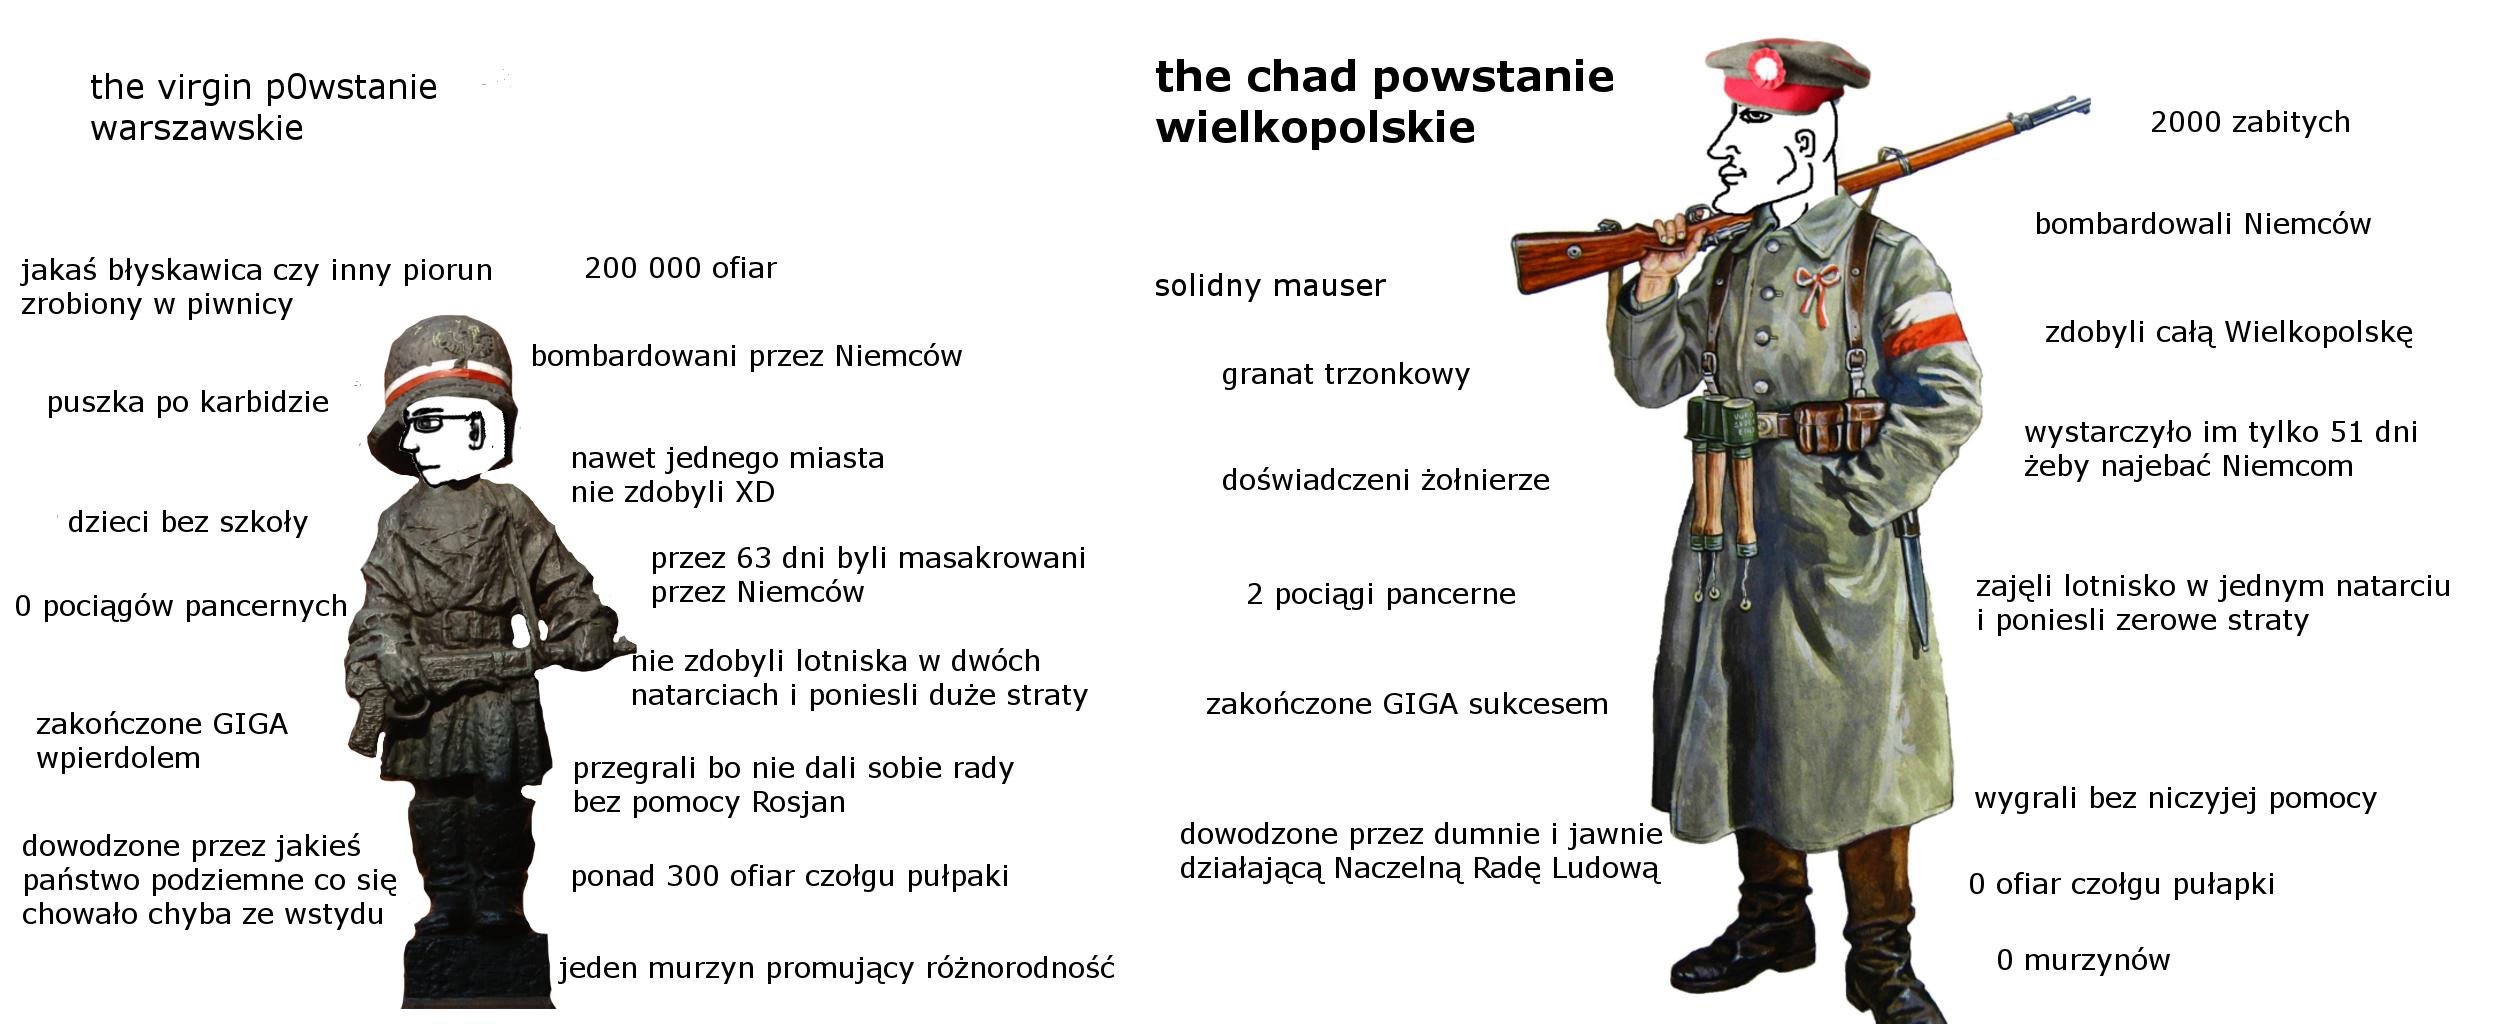 Zdjęcie użytkownika GrandAutismo w temacie Powstanie Warszawskie